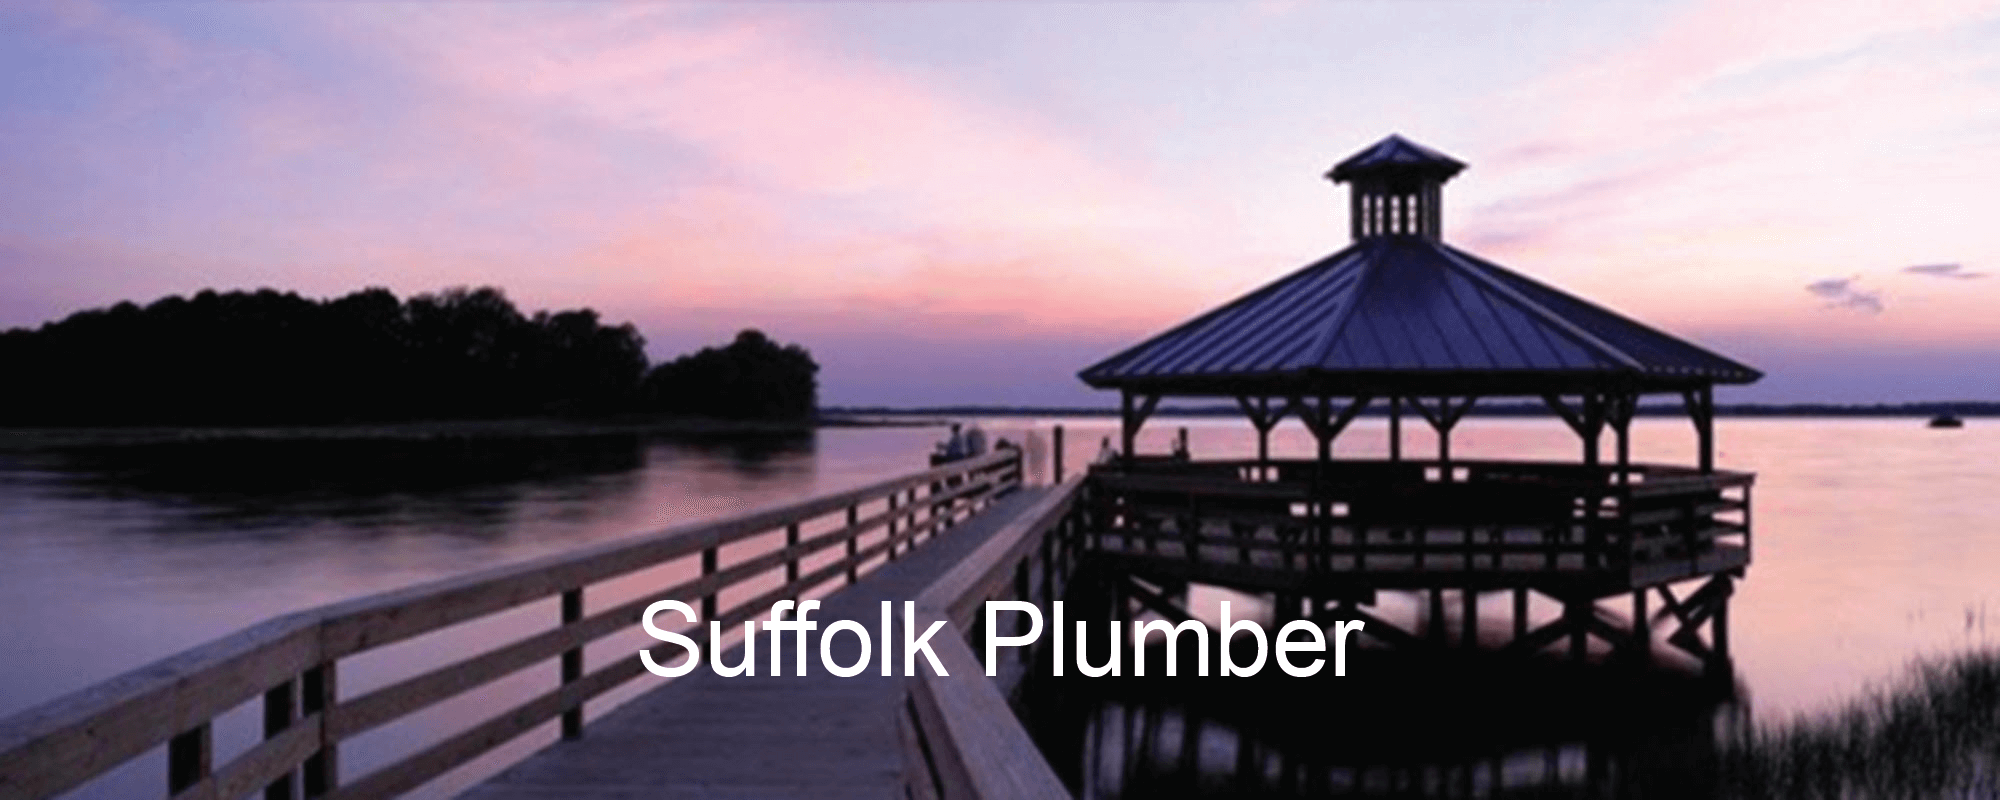 Suffolk Plumber